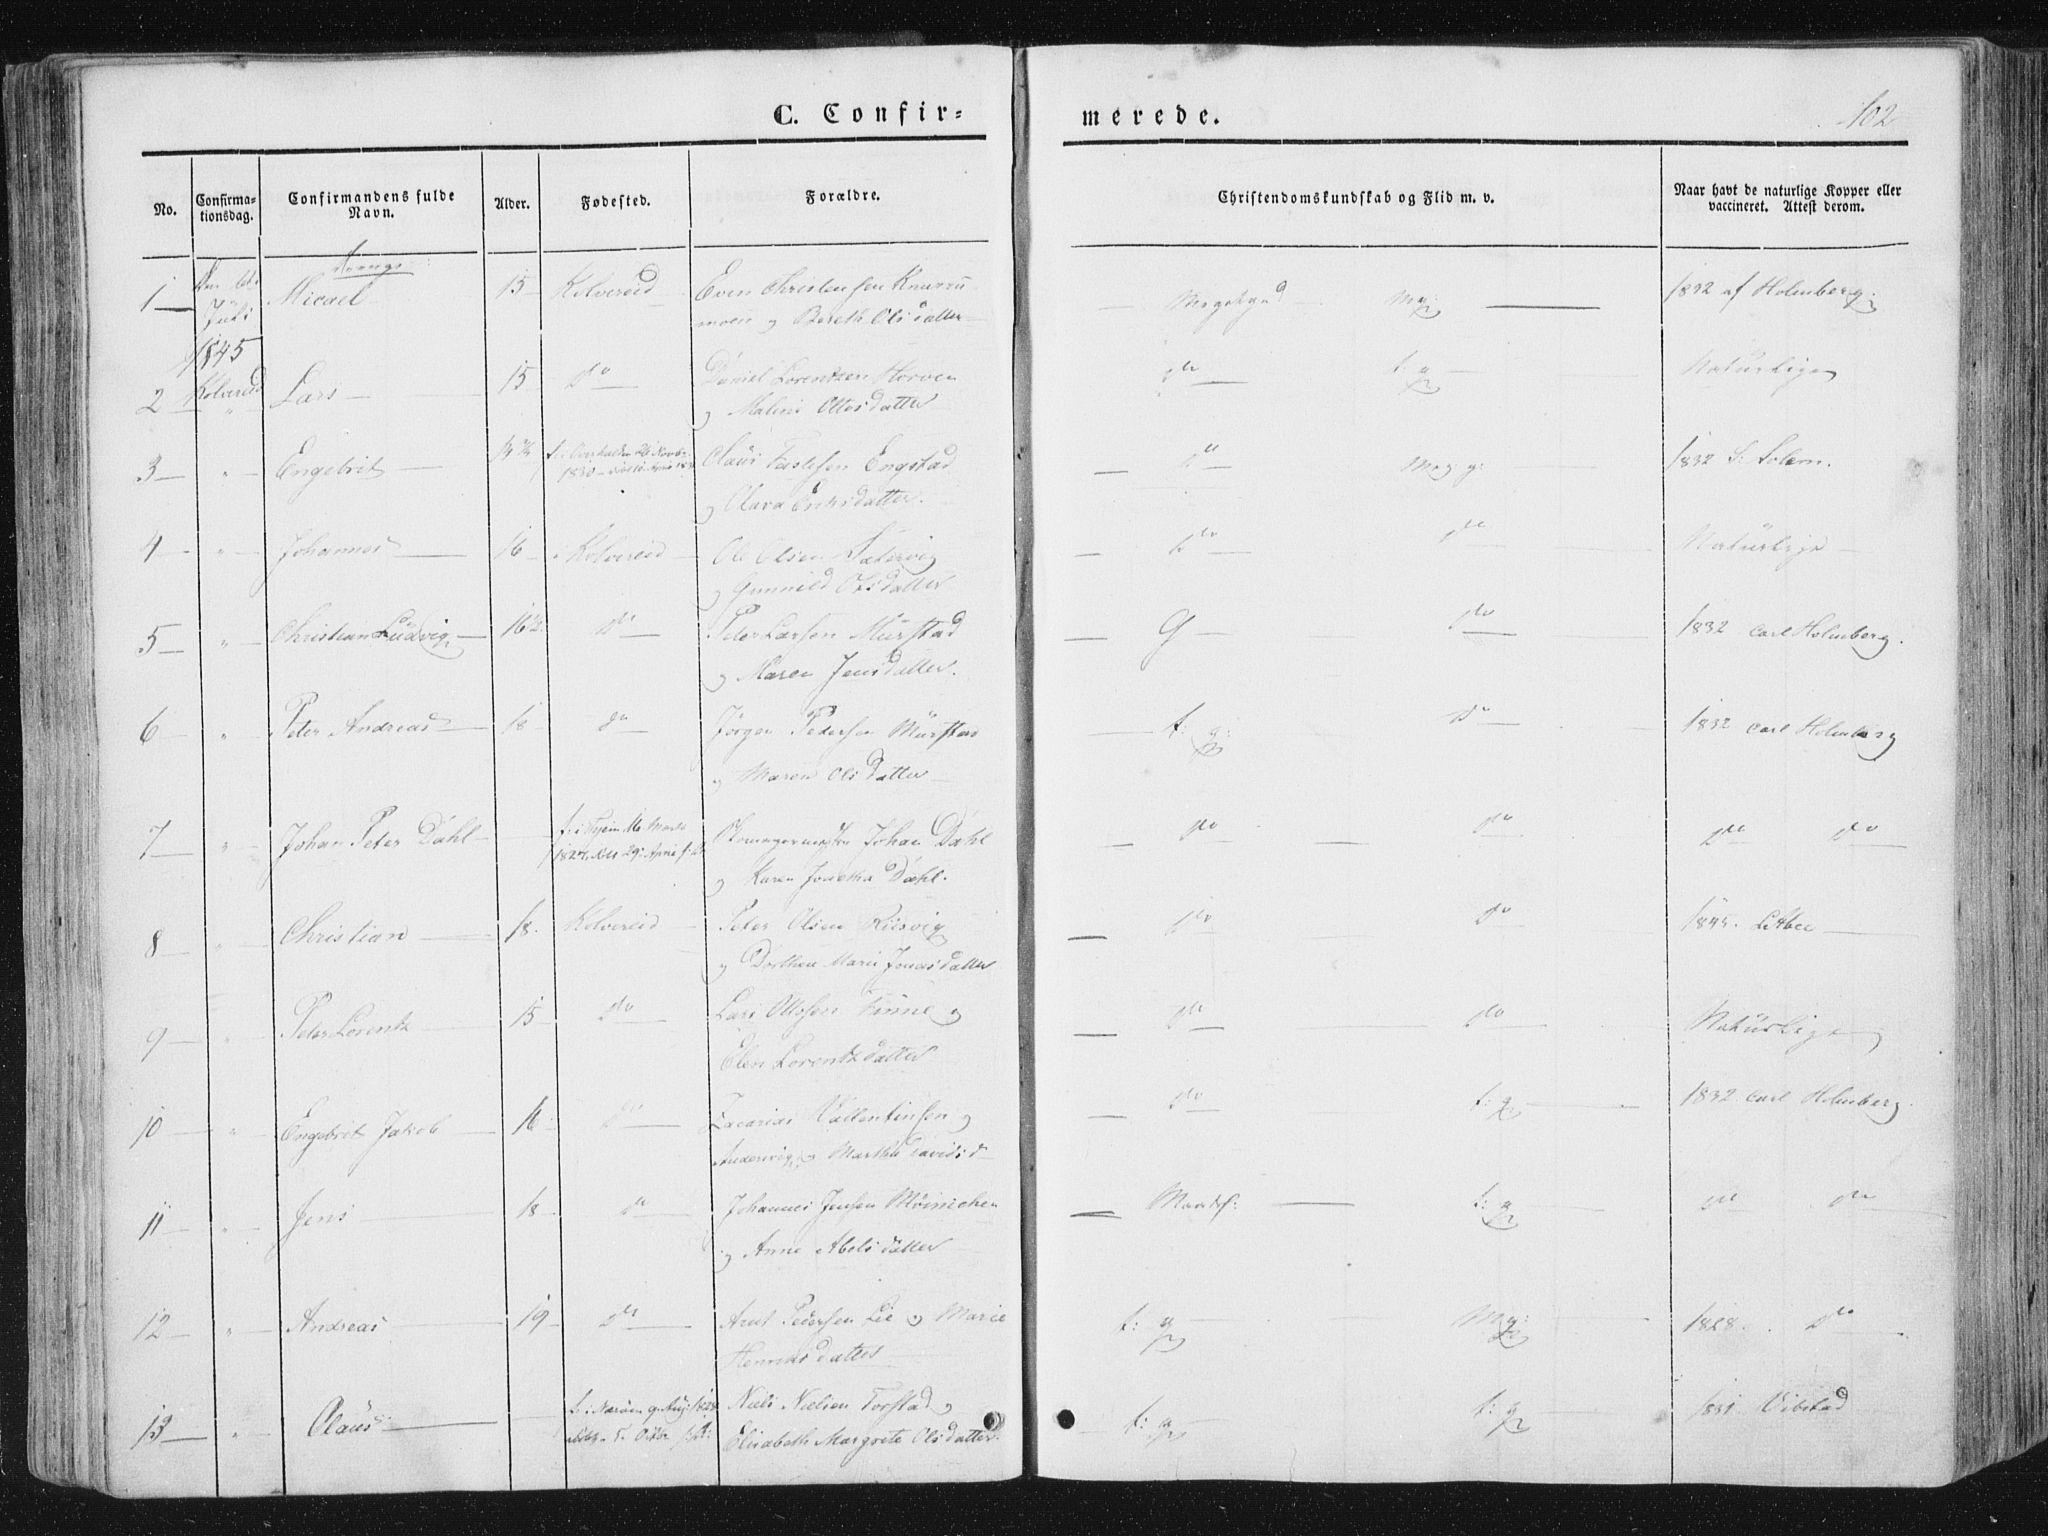 SAT, Ministerialprotokoller, klokkerbøker og fødselsregistre - Nord-Trøndelag, 780/L0640: Ministerialbok nr. 780A05, 1845-1856, s. 102